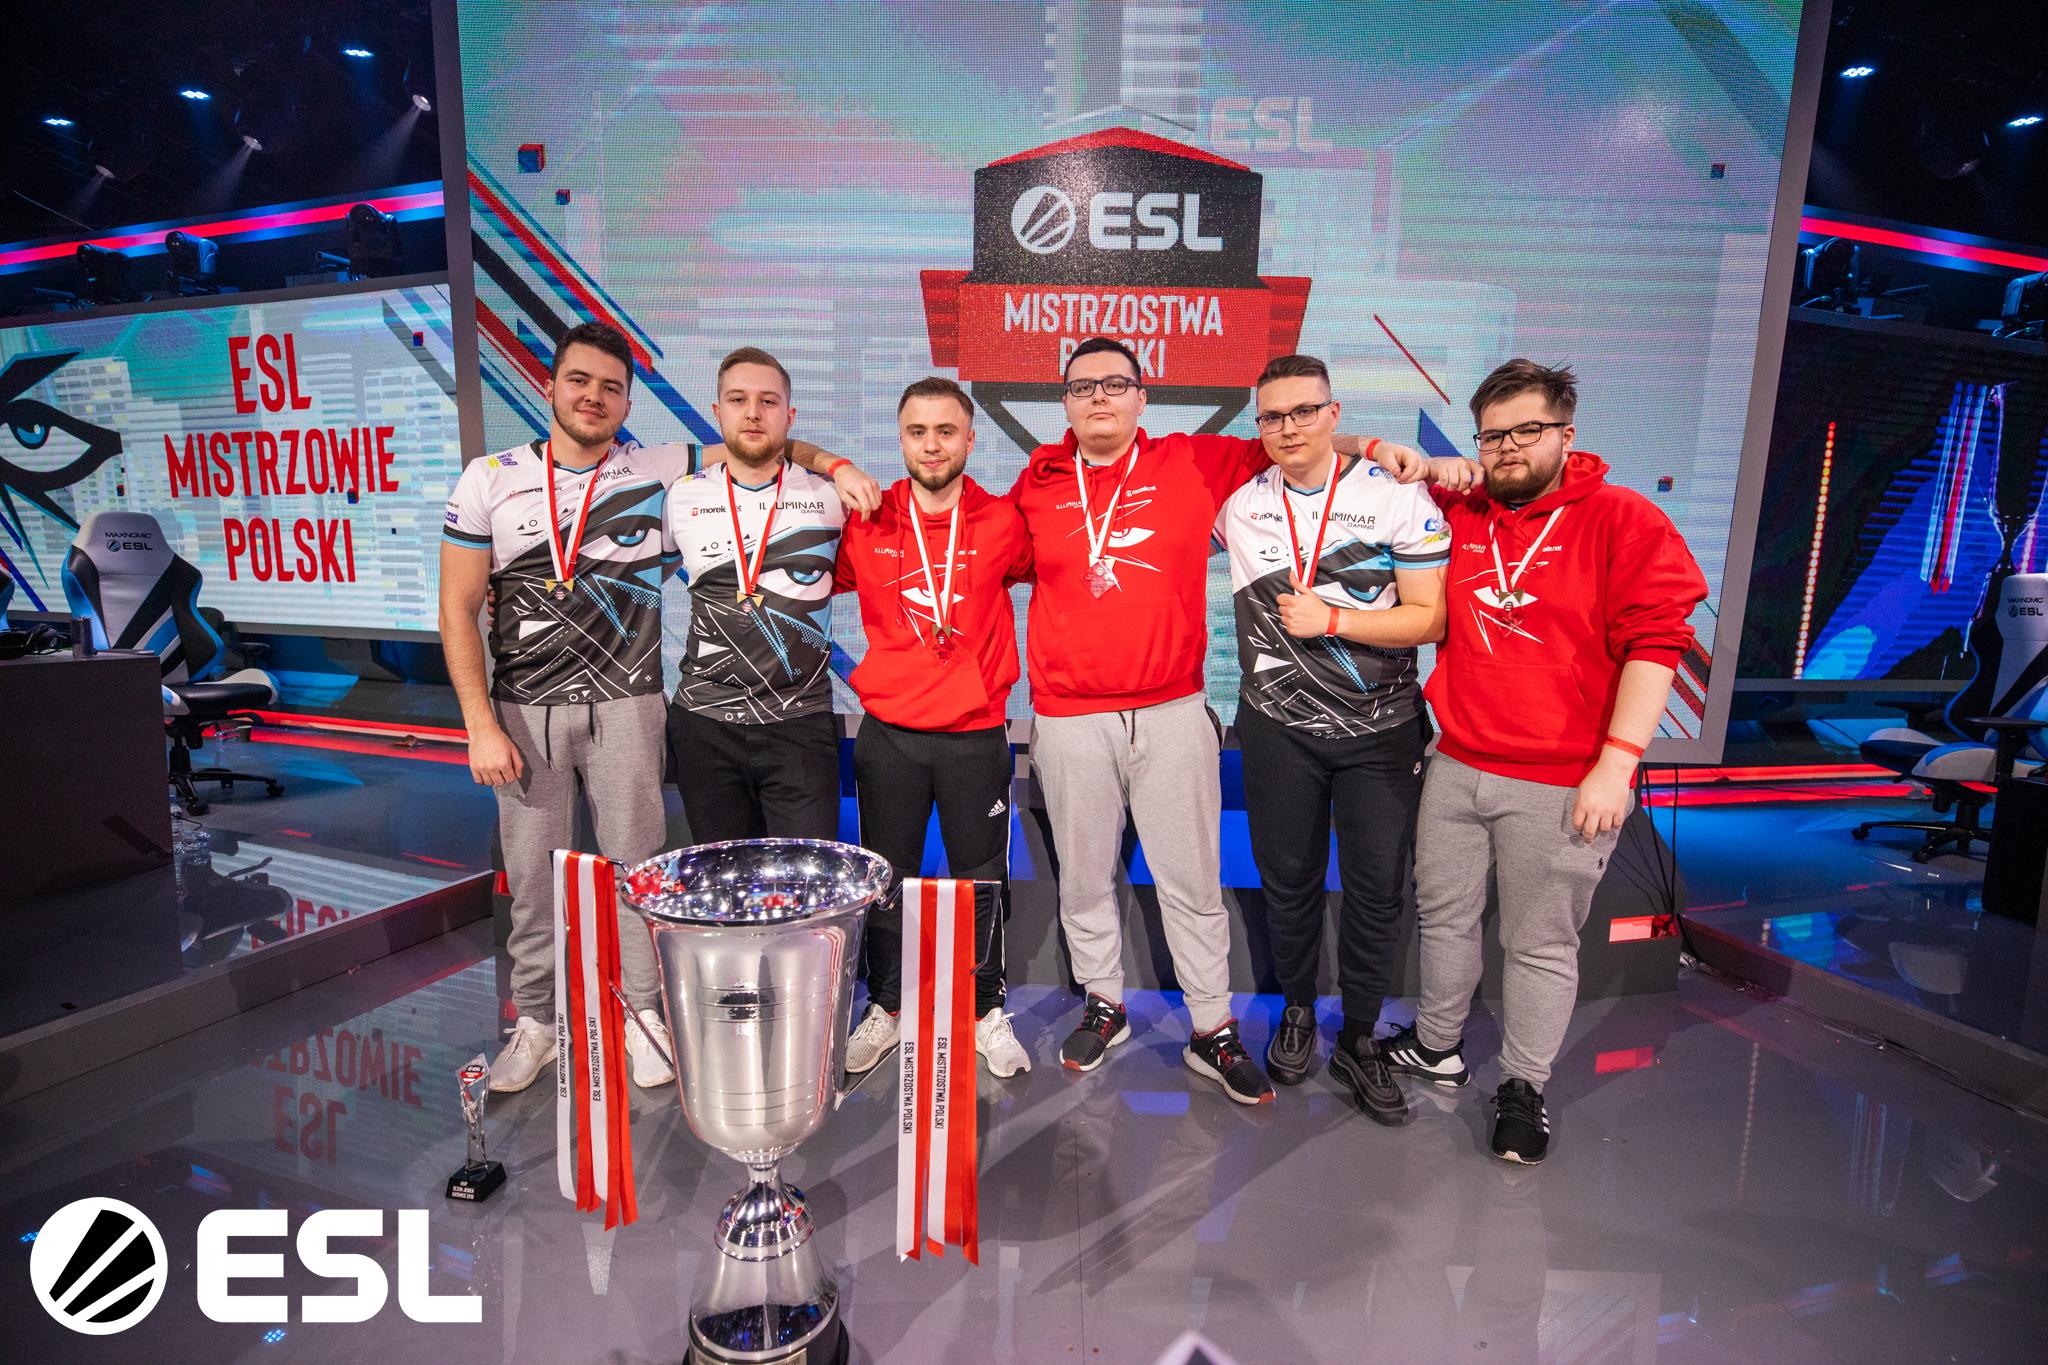 Triumfatorzy ESL Mistrzostw Polski i ESL Sprite Mistrzostw Kobiet wyłonieni!